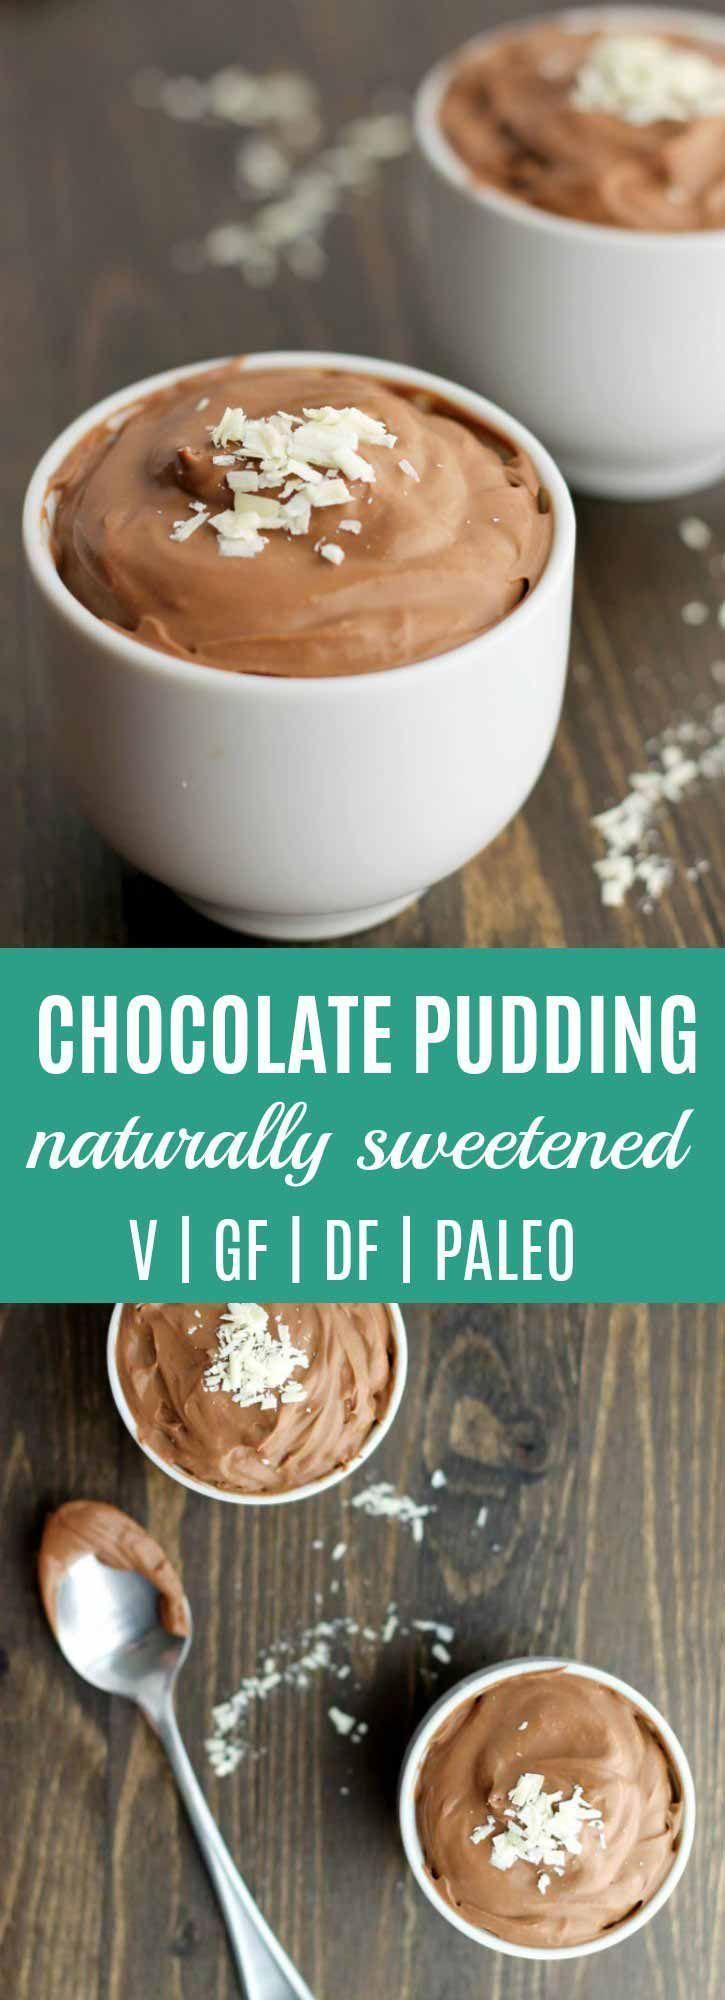 Chocolate pudding recipe coconut milk vegan paleo